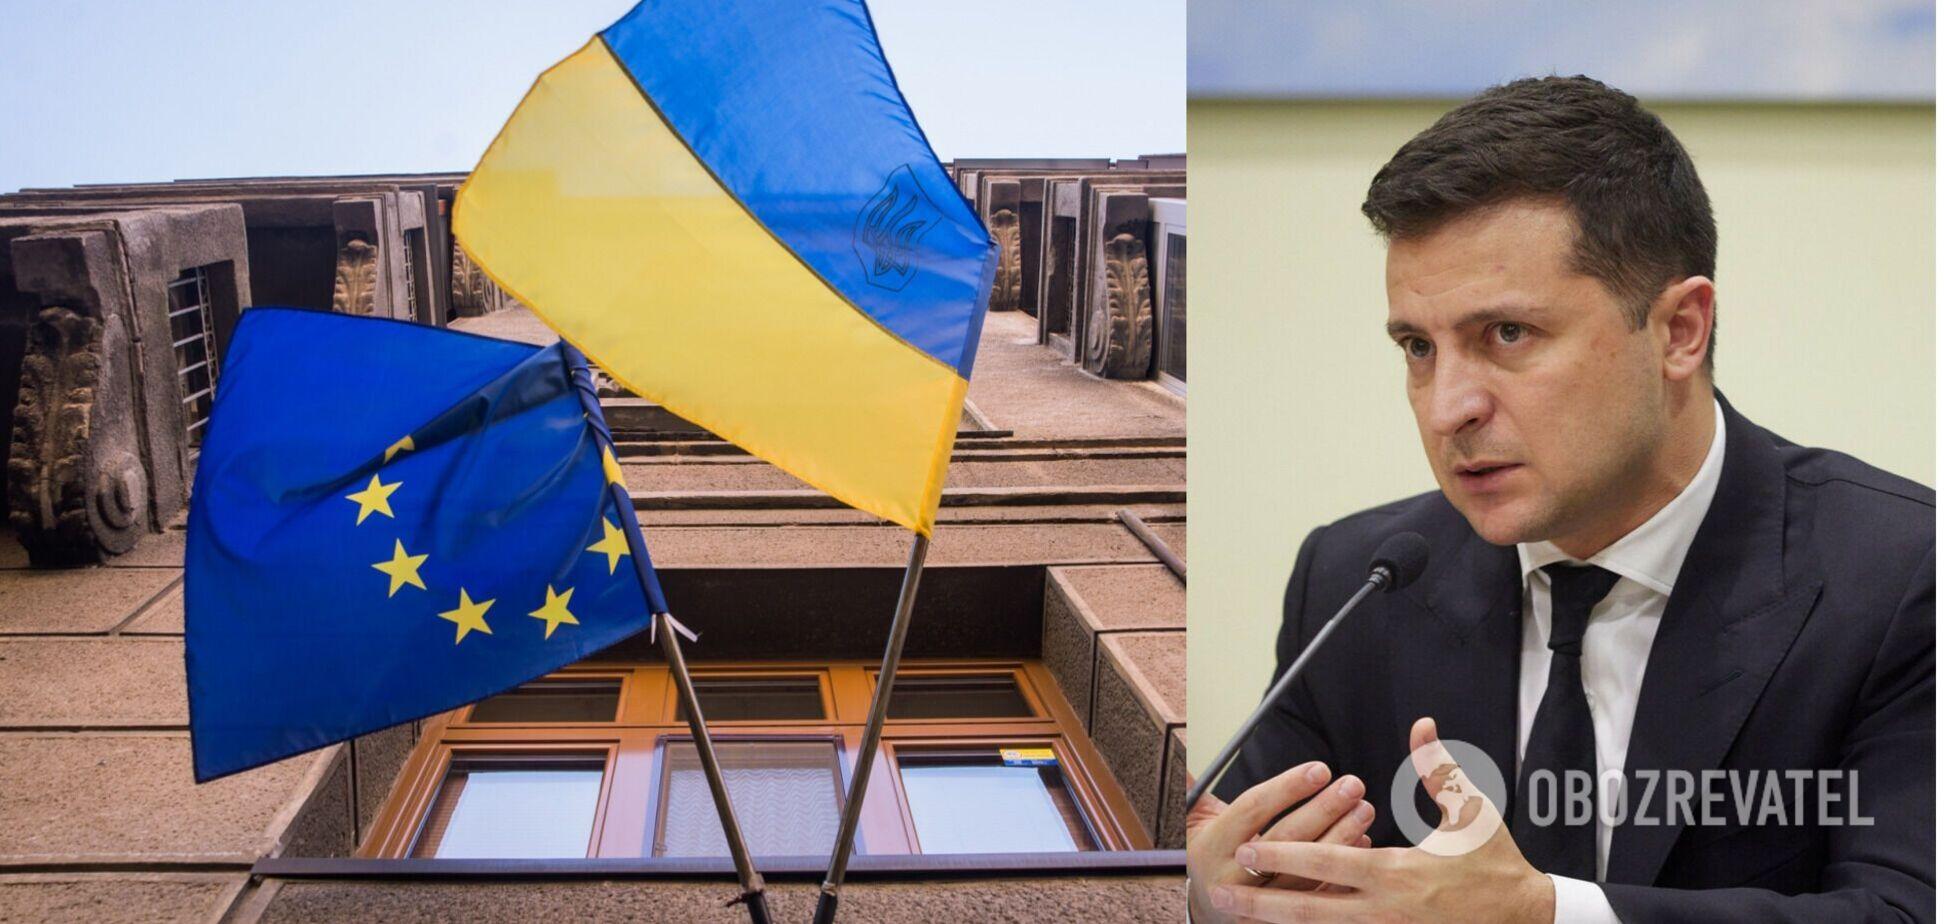 Зеленський – про вступ до ЄС: українці вже сьогодні впливають на долю Європи